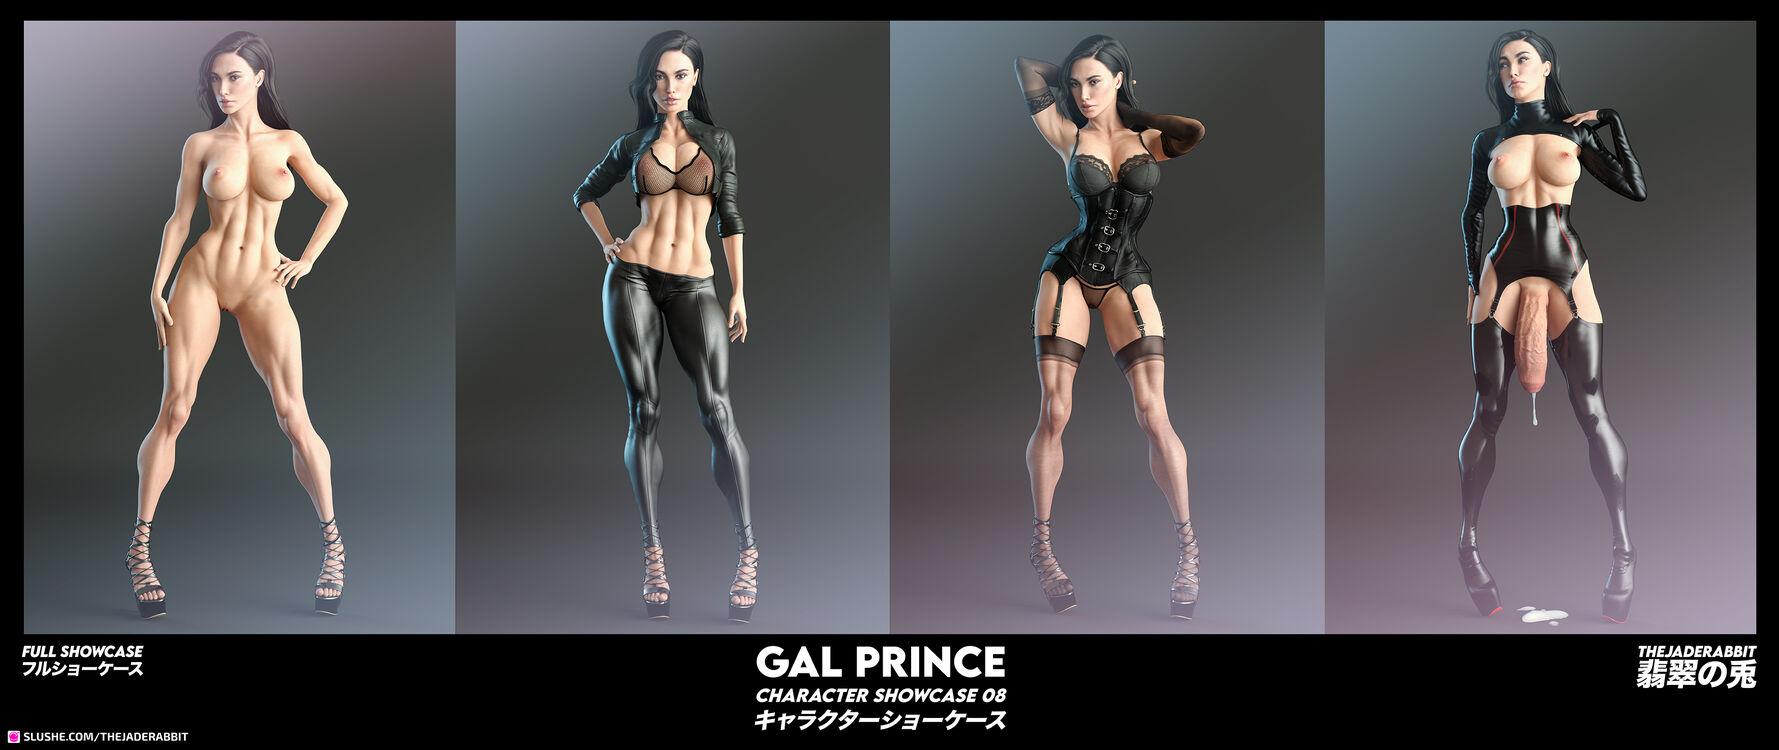 008 Gal Prince - Full Showcase